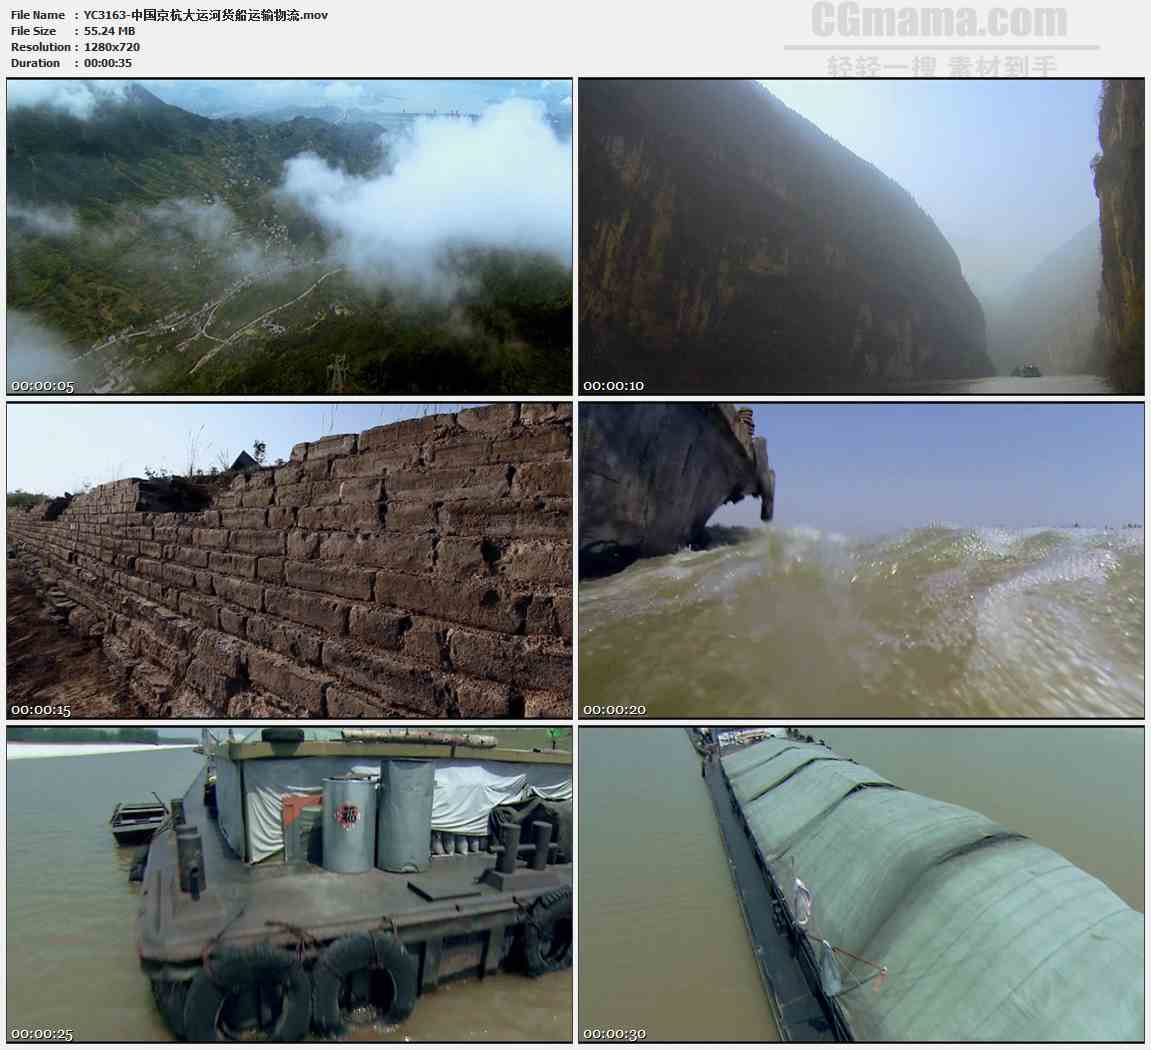 YC3163-中国京杭大运河货船运输物流高清实拍视频素材